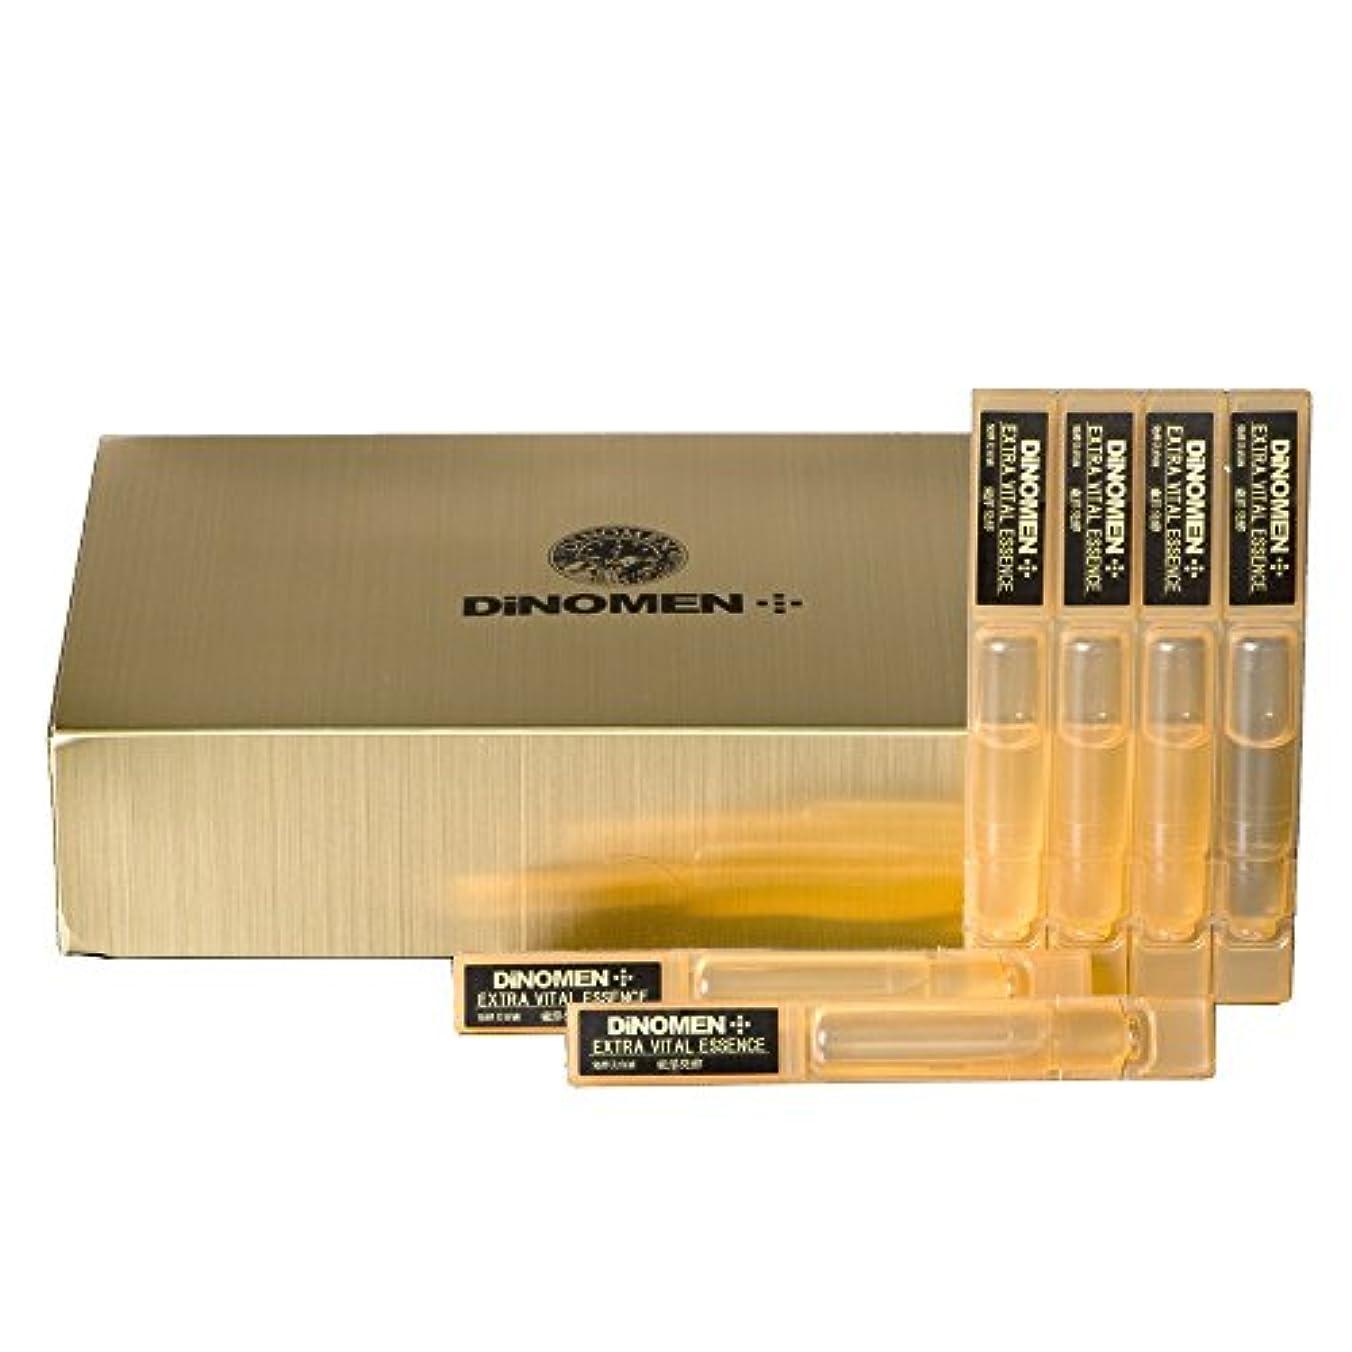 三十スクラッチタイトDiNOMEN エクストラバイタルエッセンス 発酵美容液 30本入 男性化粧品